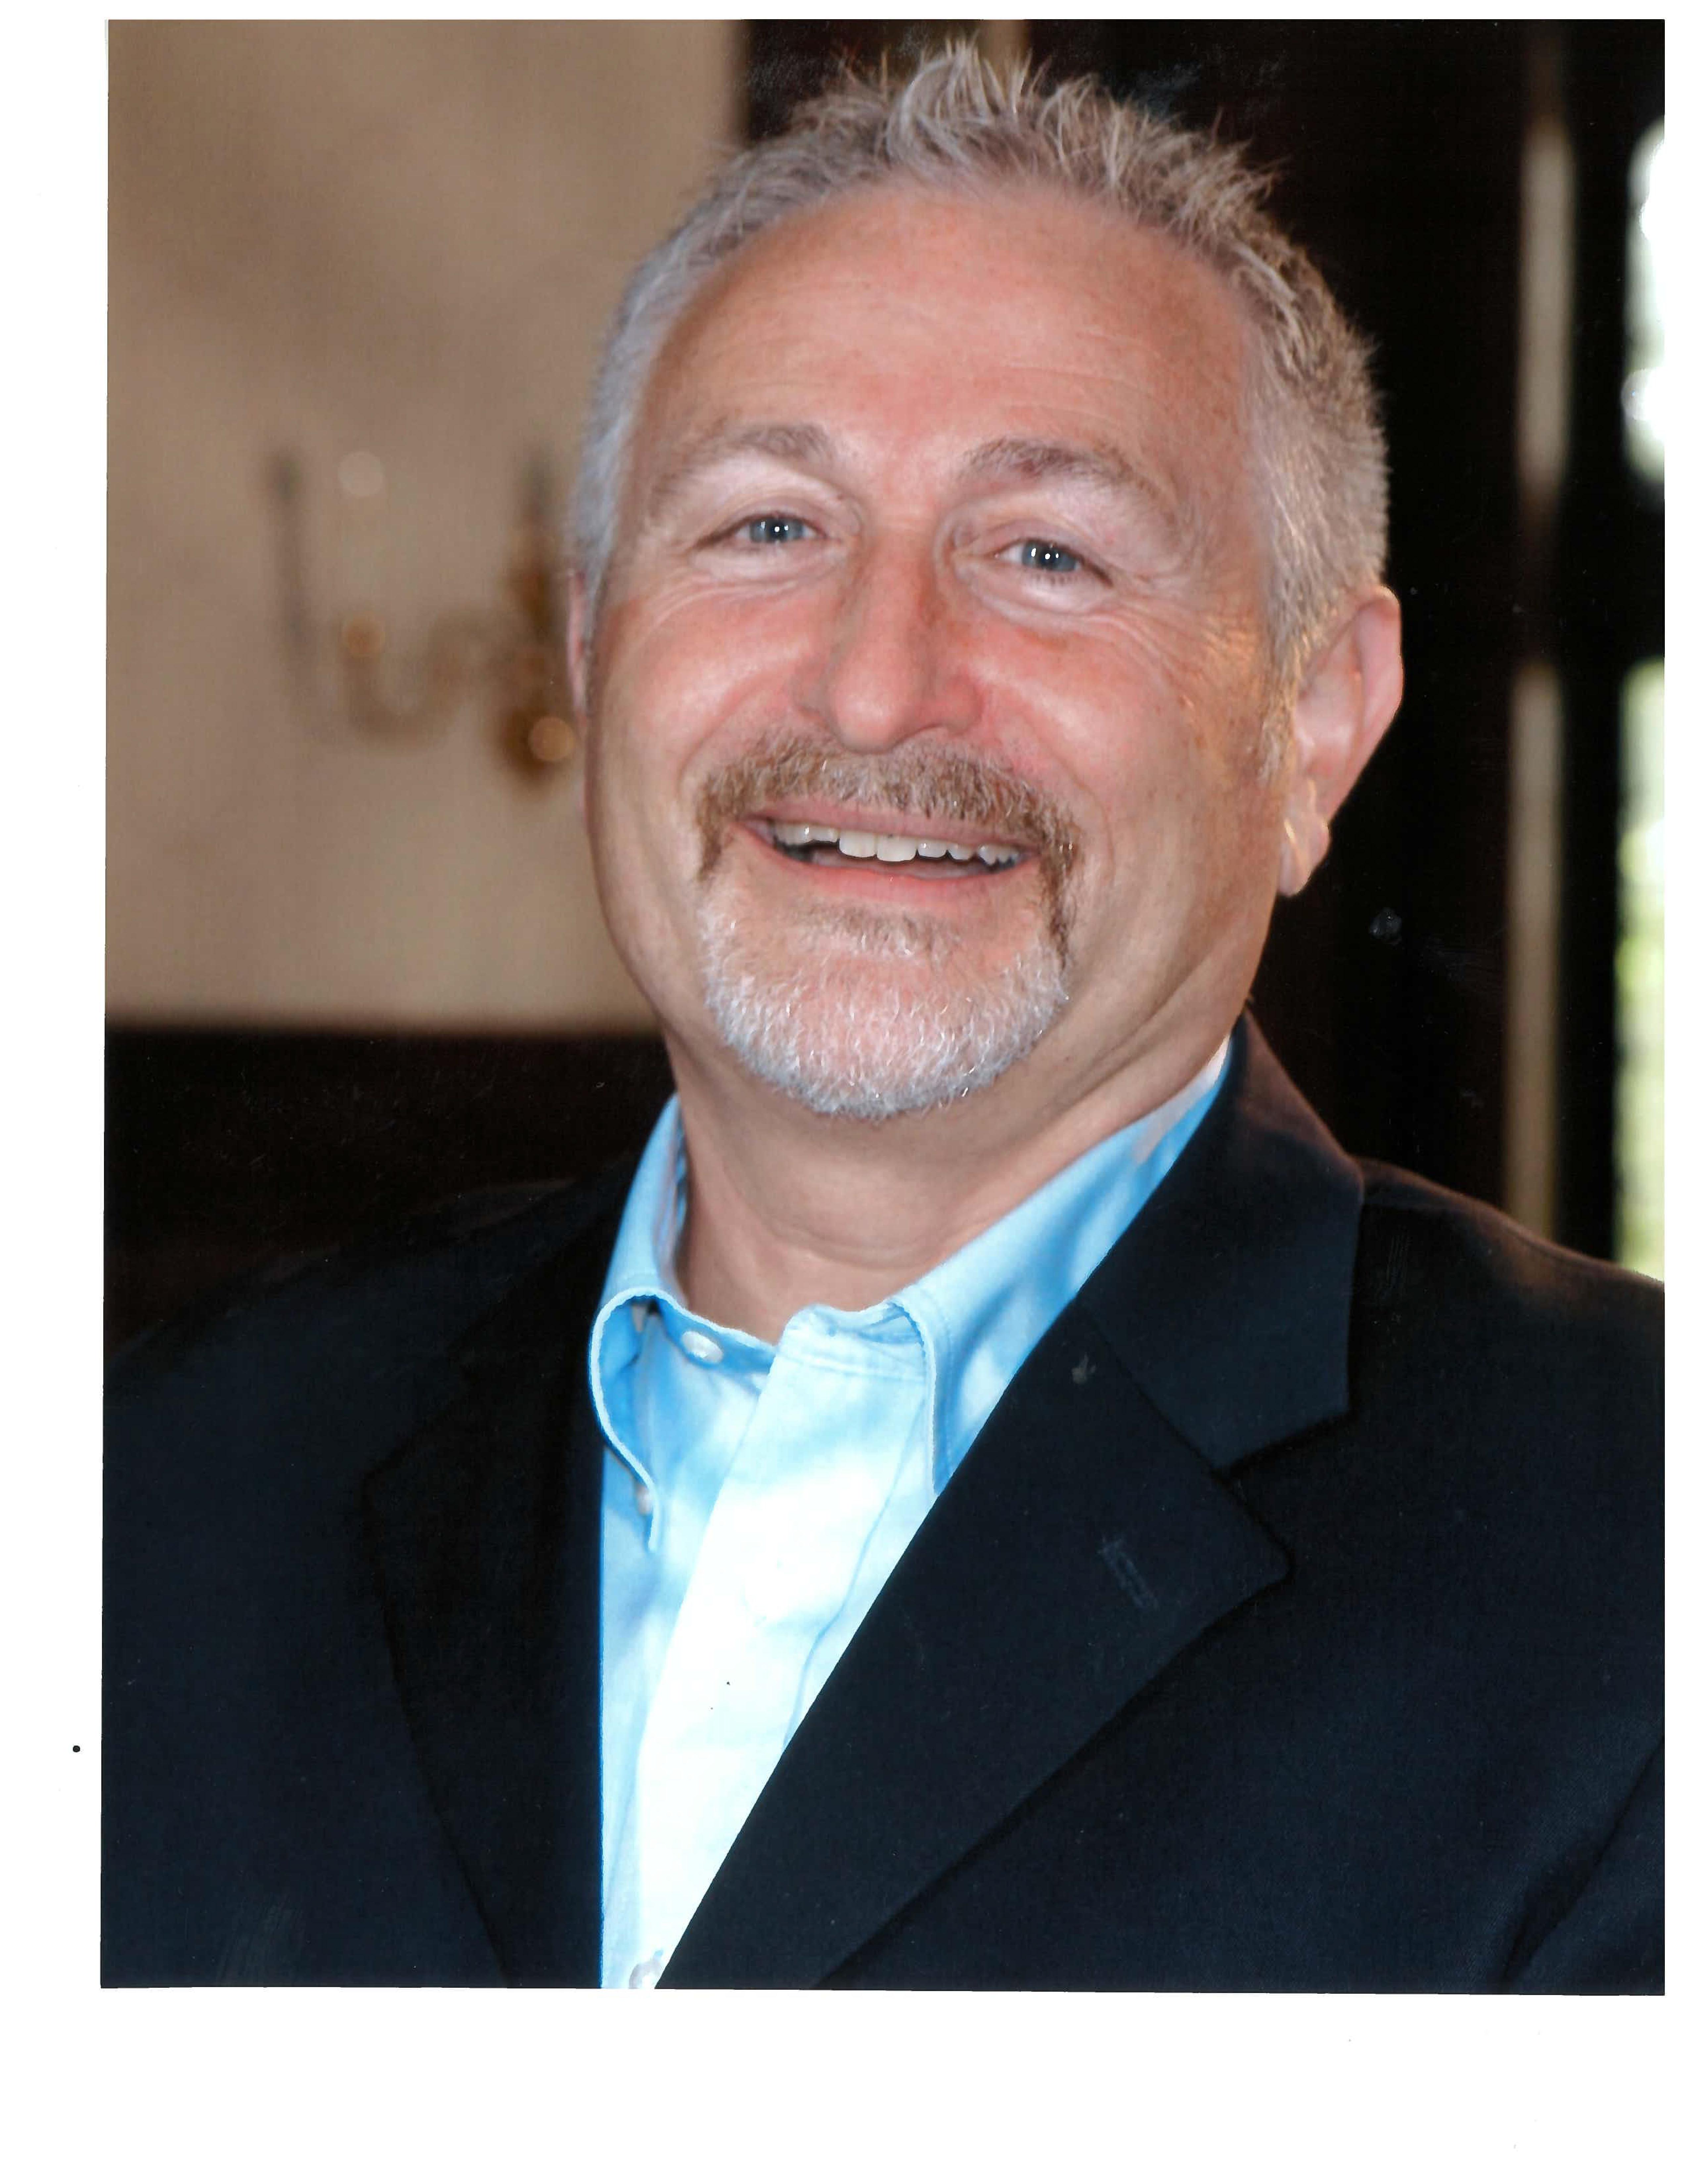 Theodore Beltavski 2017 Washkewicz Distinguished Alumni